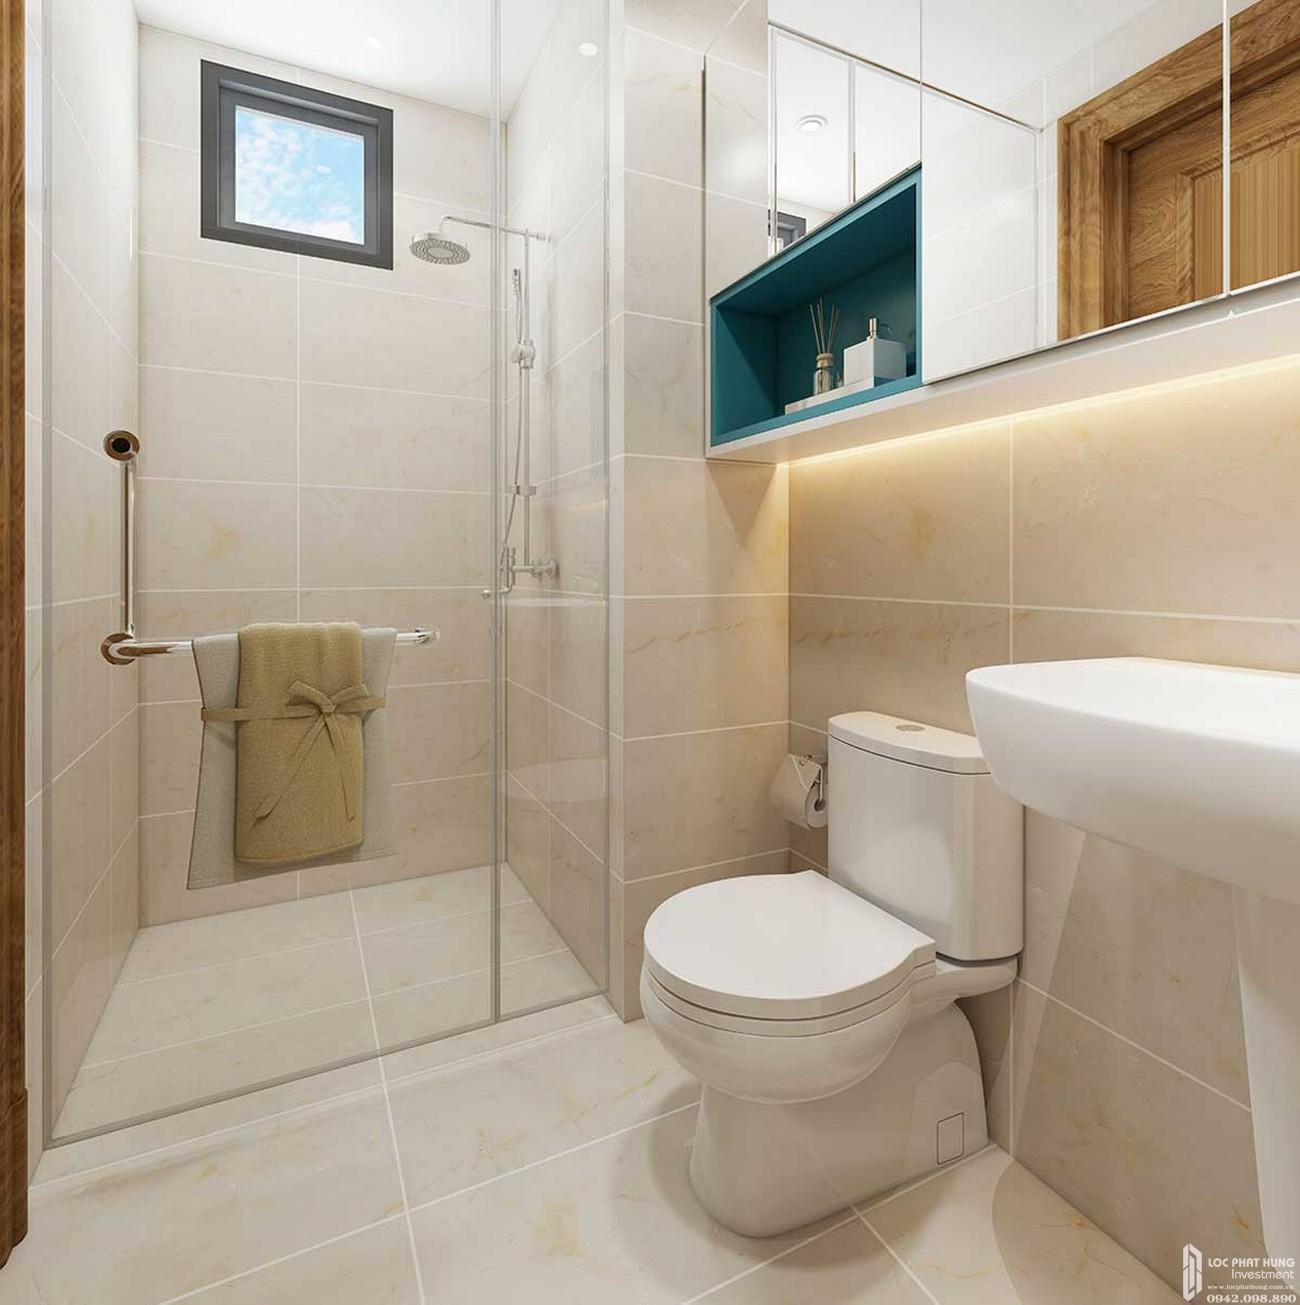 Nhà vệ sinh căn hộ Icon Plaza Thuận An Bình Dương